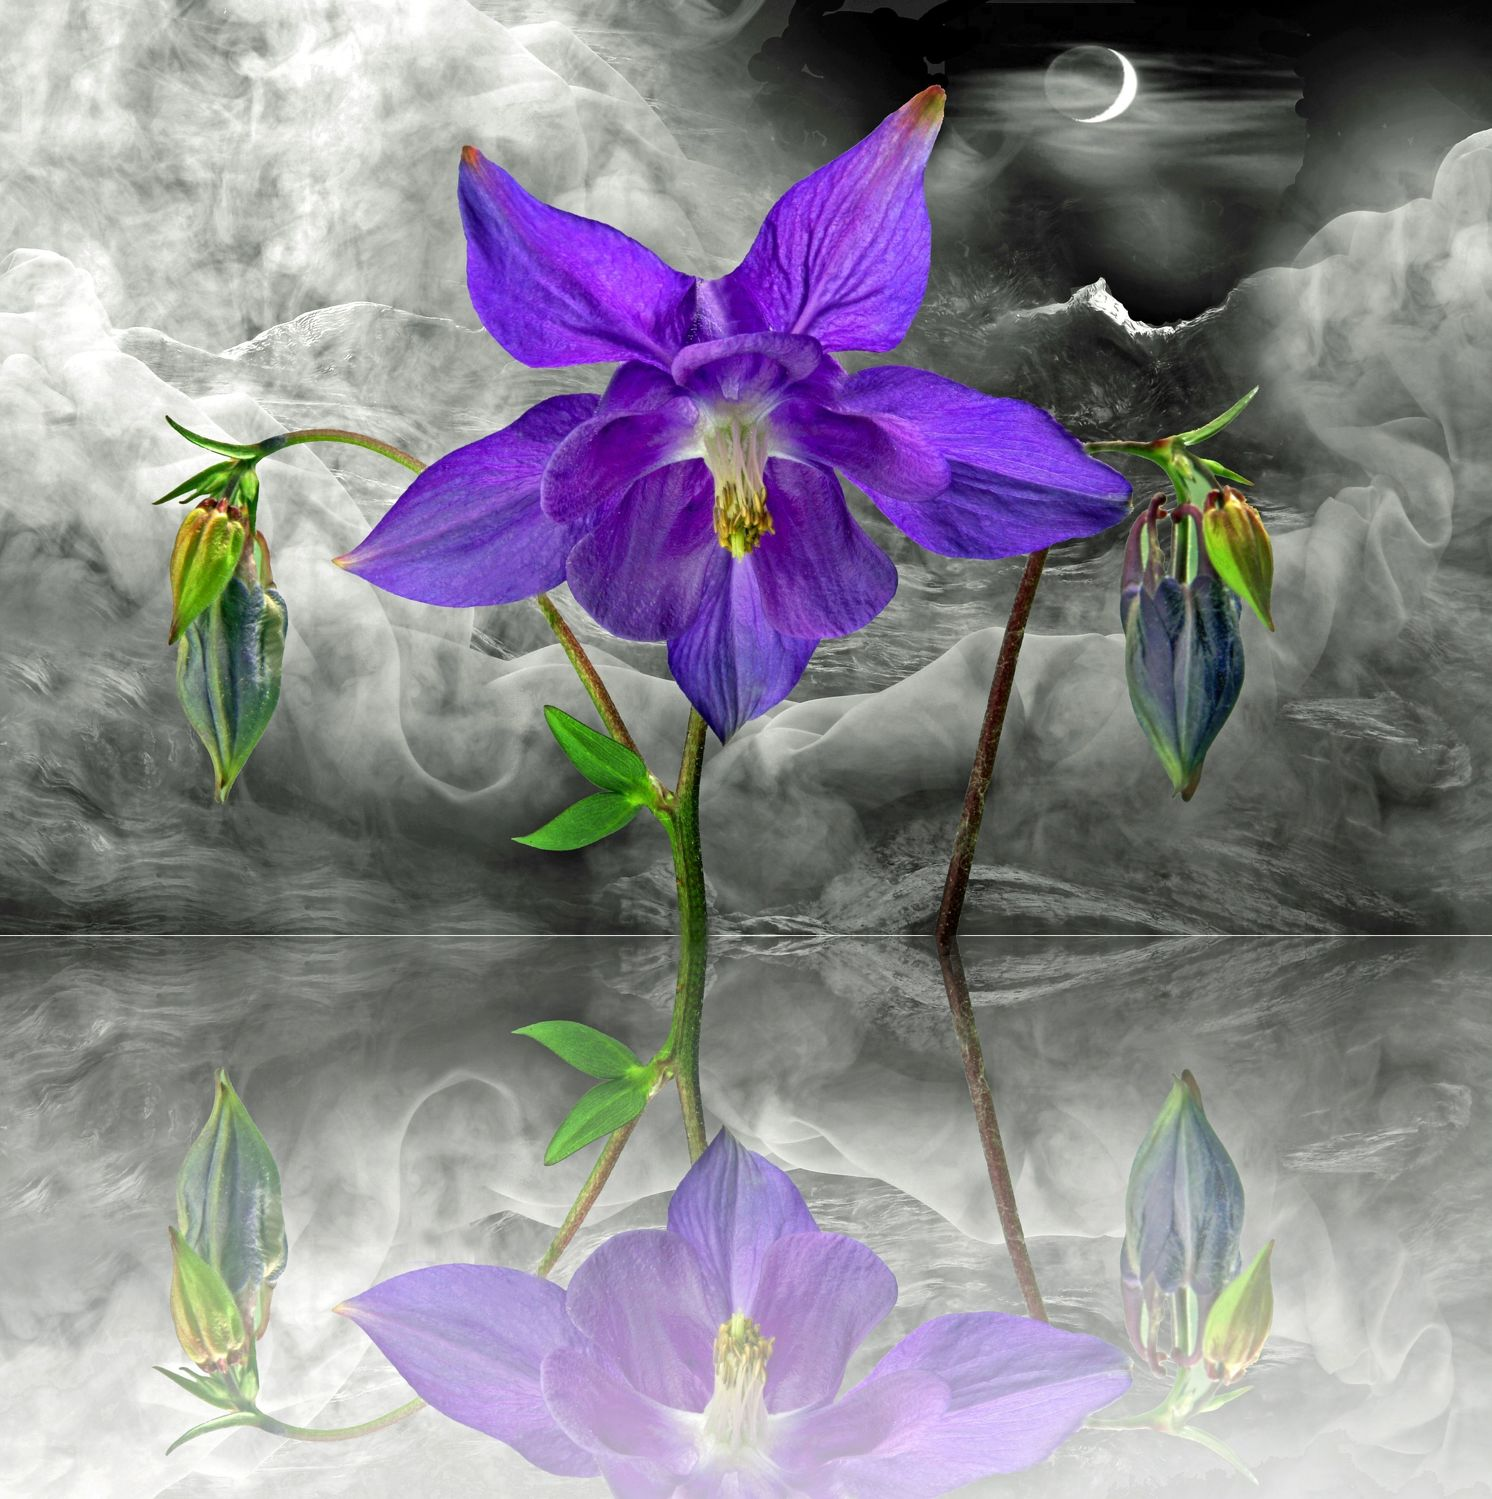 Bild mit Pflanzen, Himmel, Wolken, Reflexion, Blumen, Nebel, Sonne, Blume, Pflanze, Spiegelung, Floral, Stilleben, Blüten, Florales, blüte, Akelei